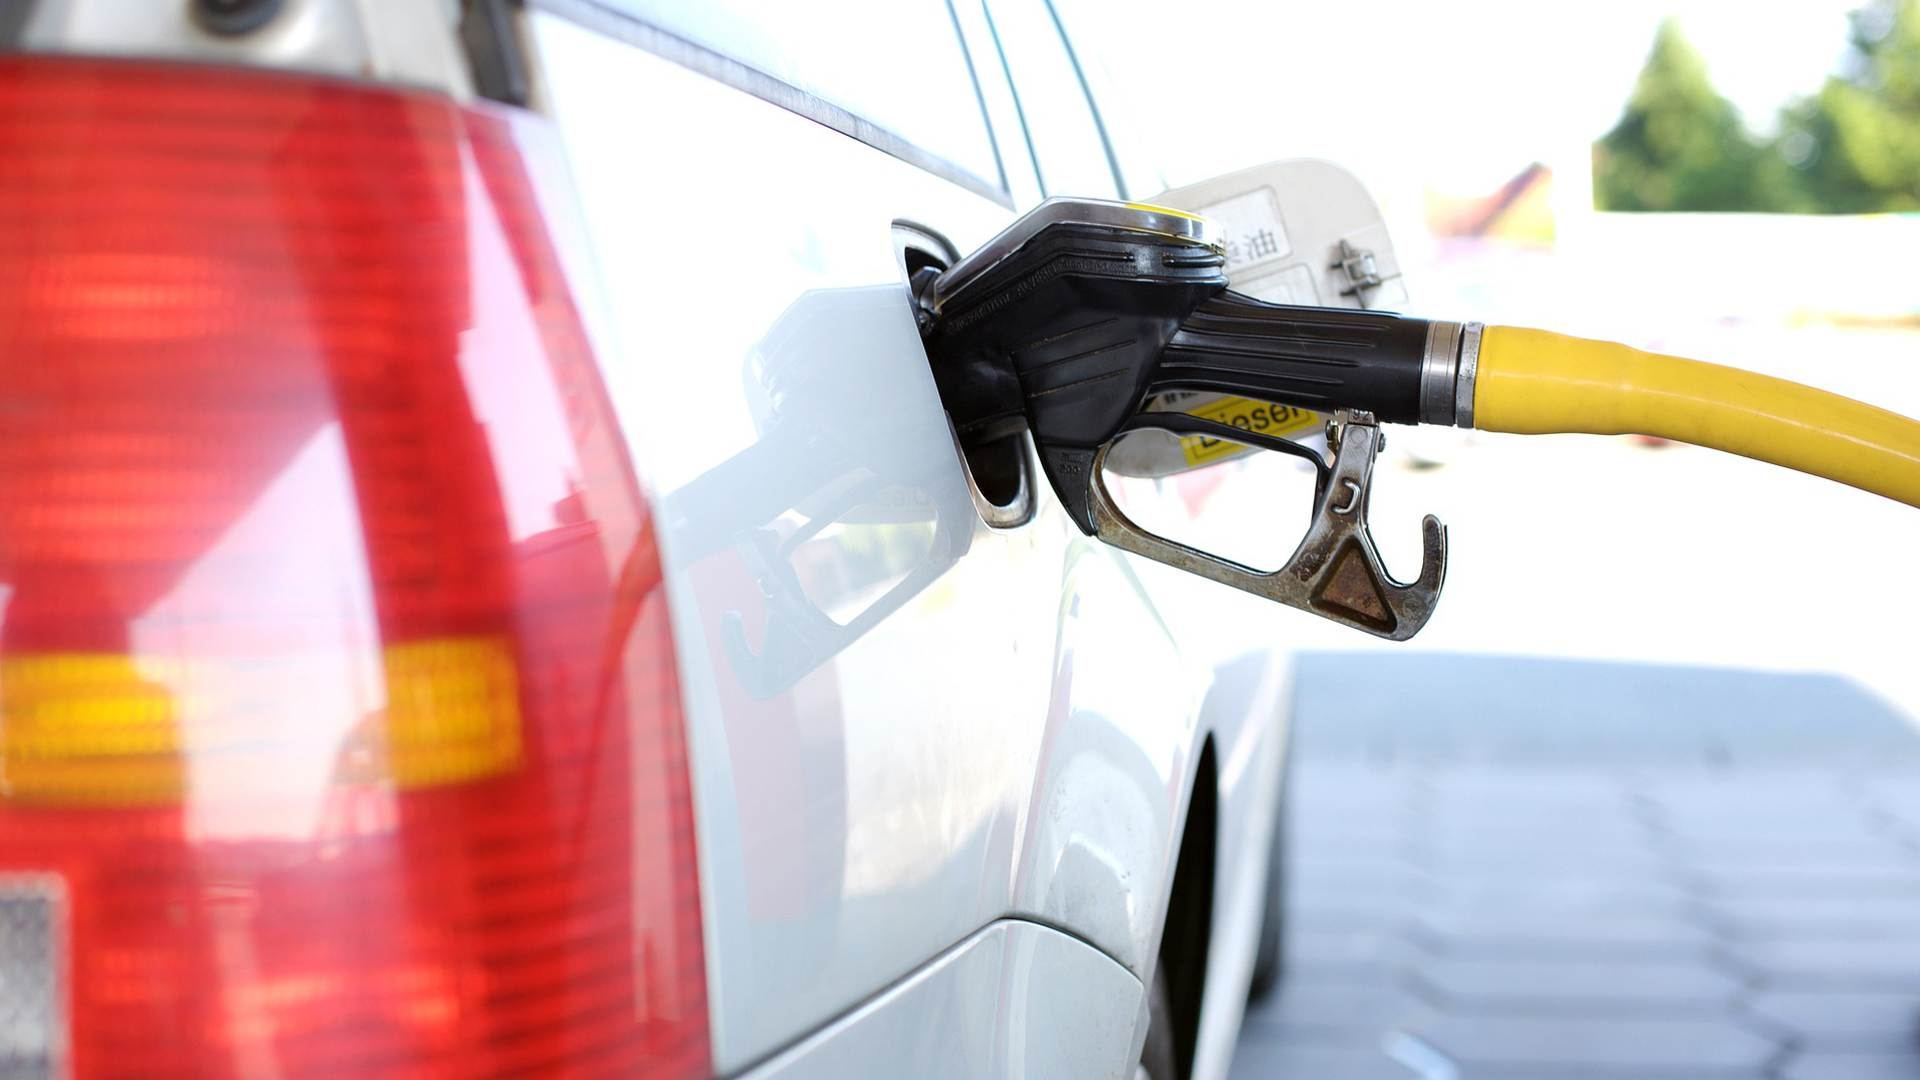 Dificuldades na gestão de um posto de combustível